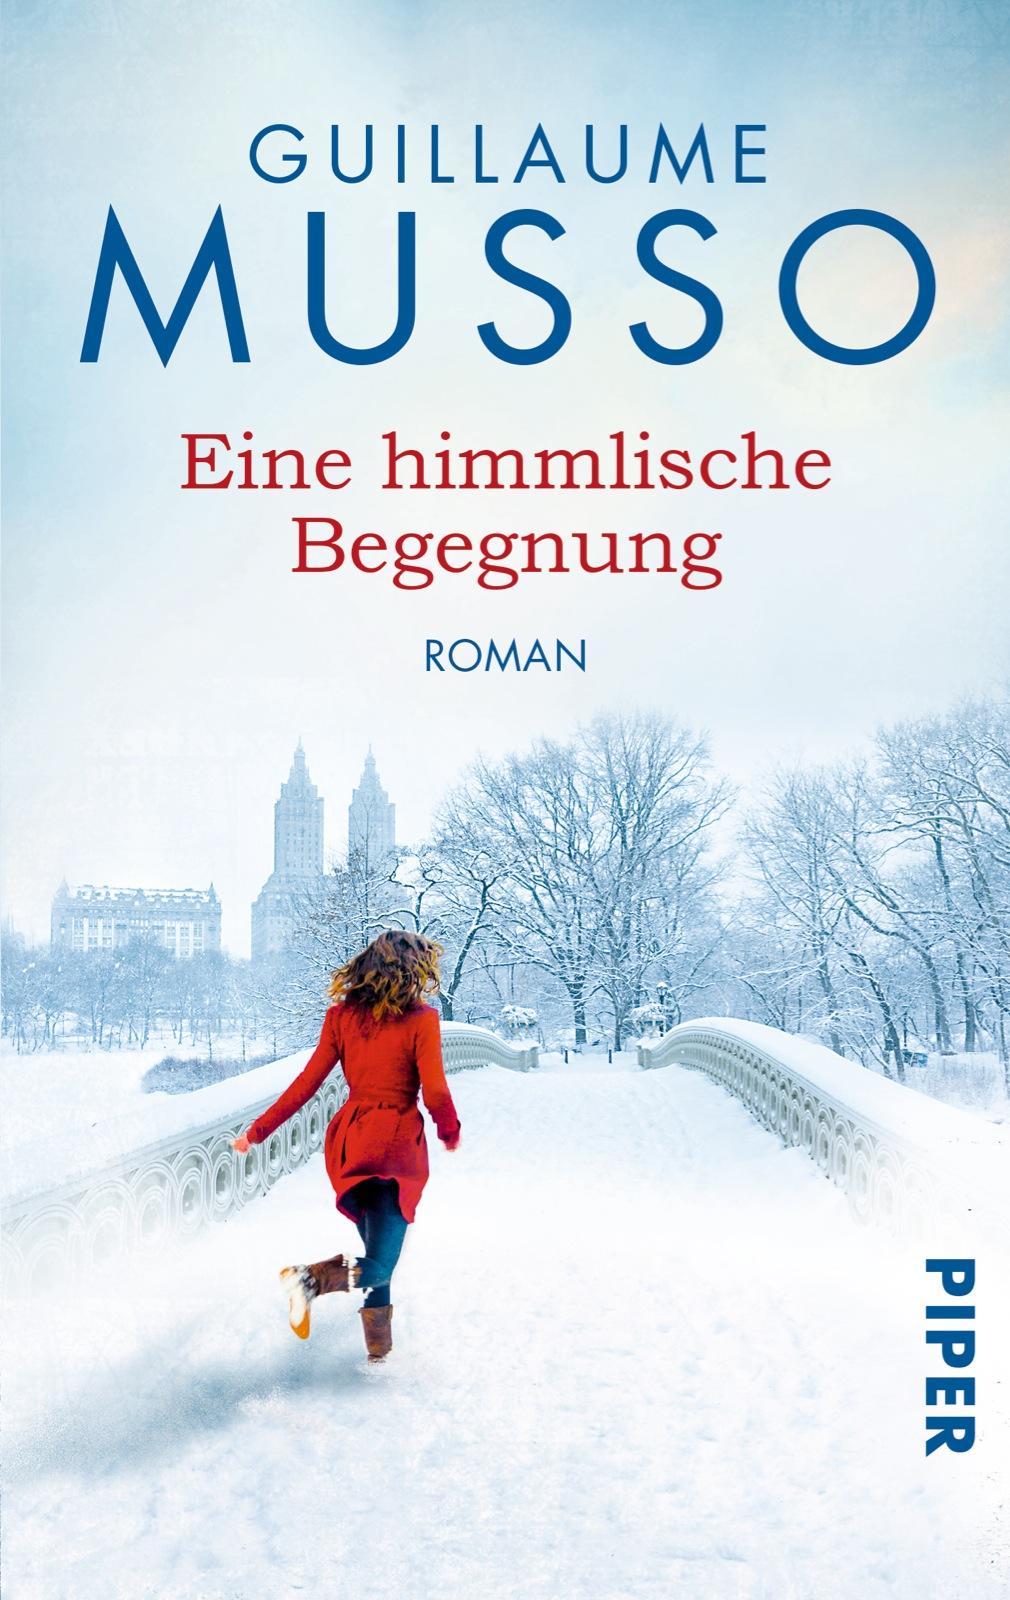 Eine himmlische Begegnung - Guillaume Musso [Taschenbuch]